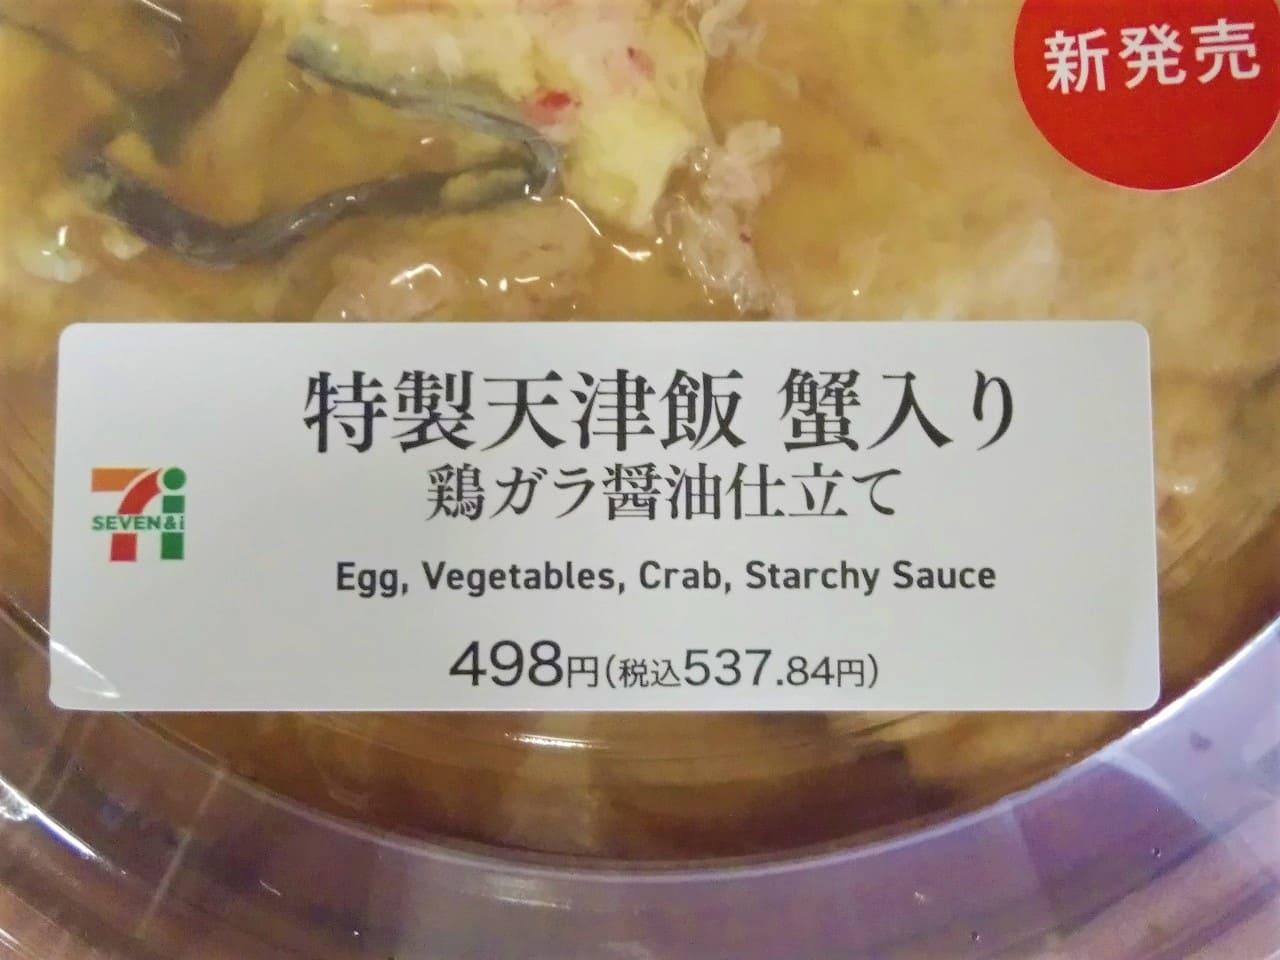 特製天津飯のパッケージ